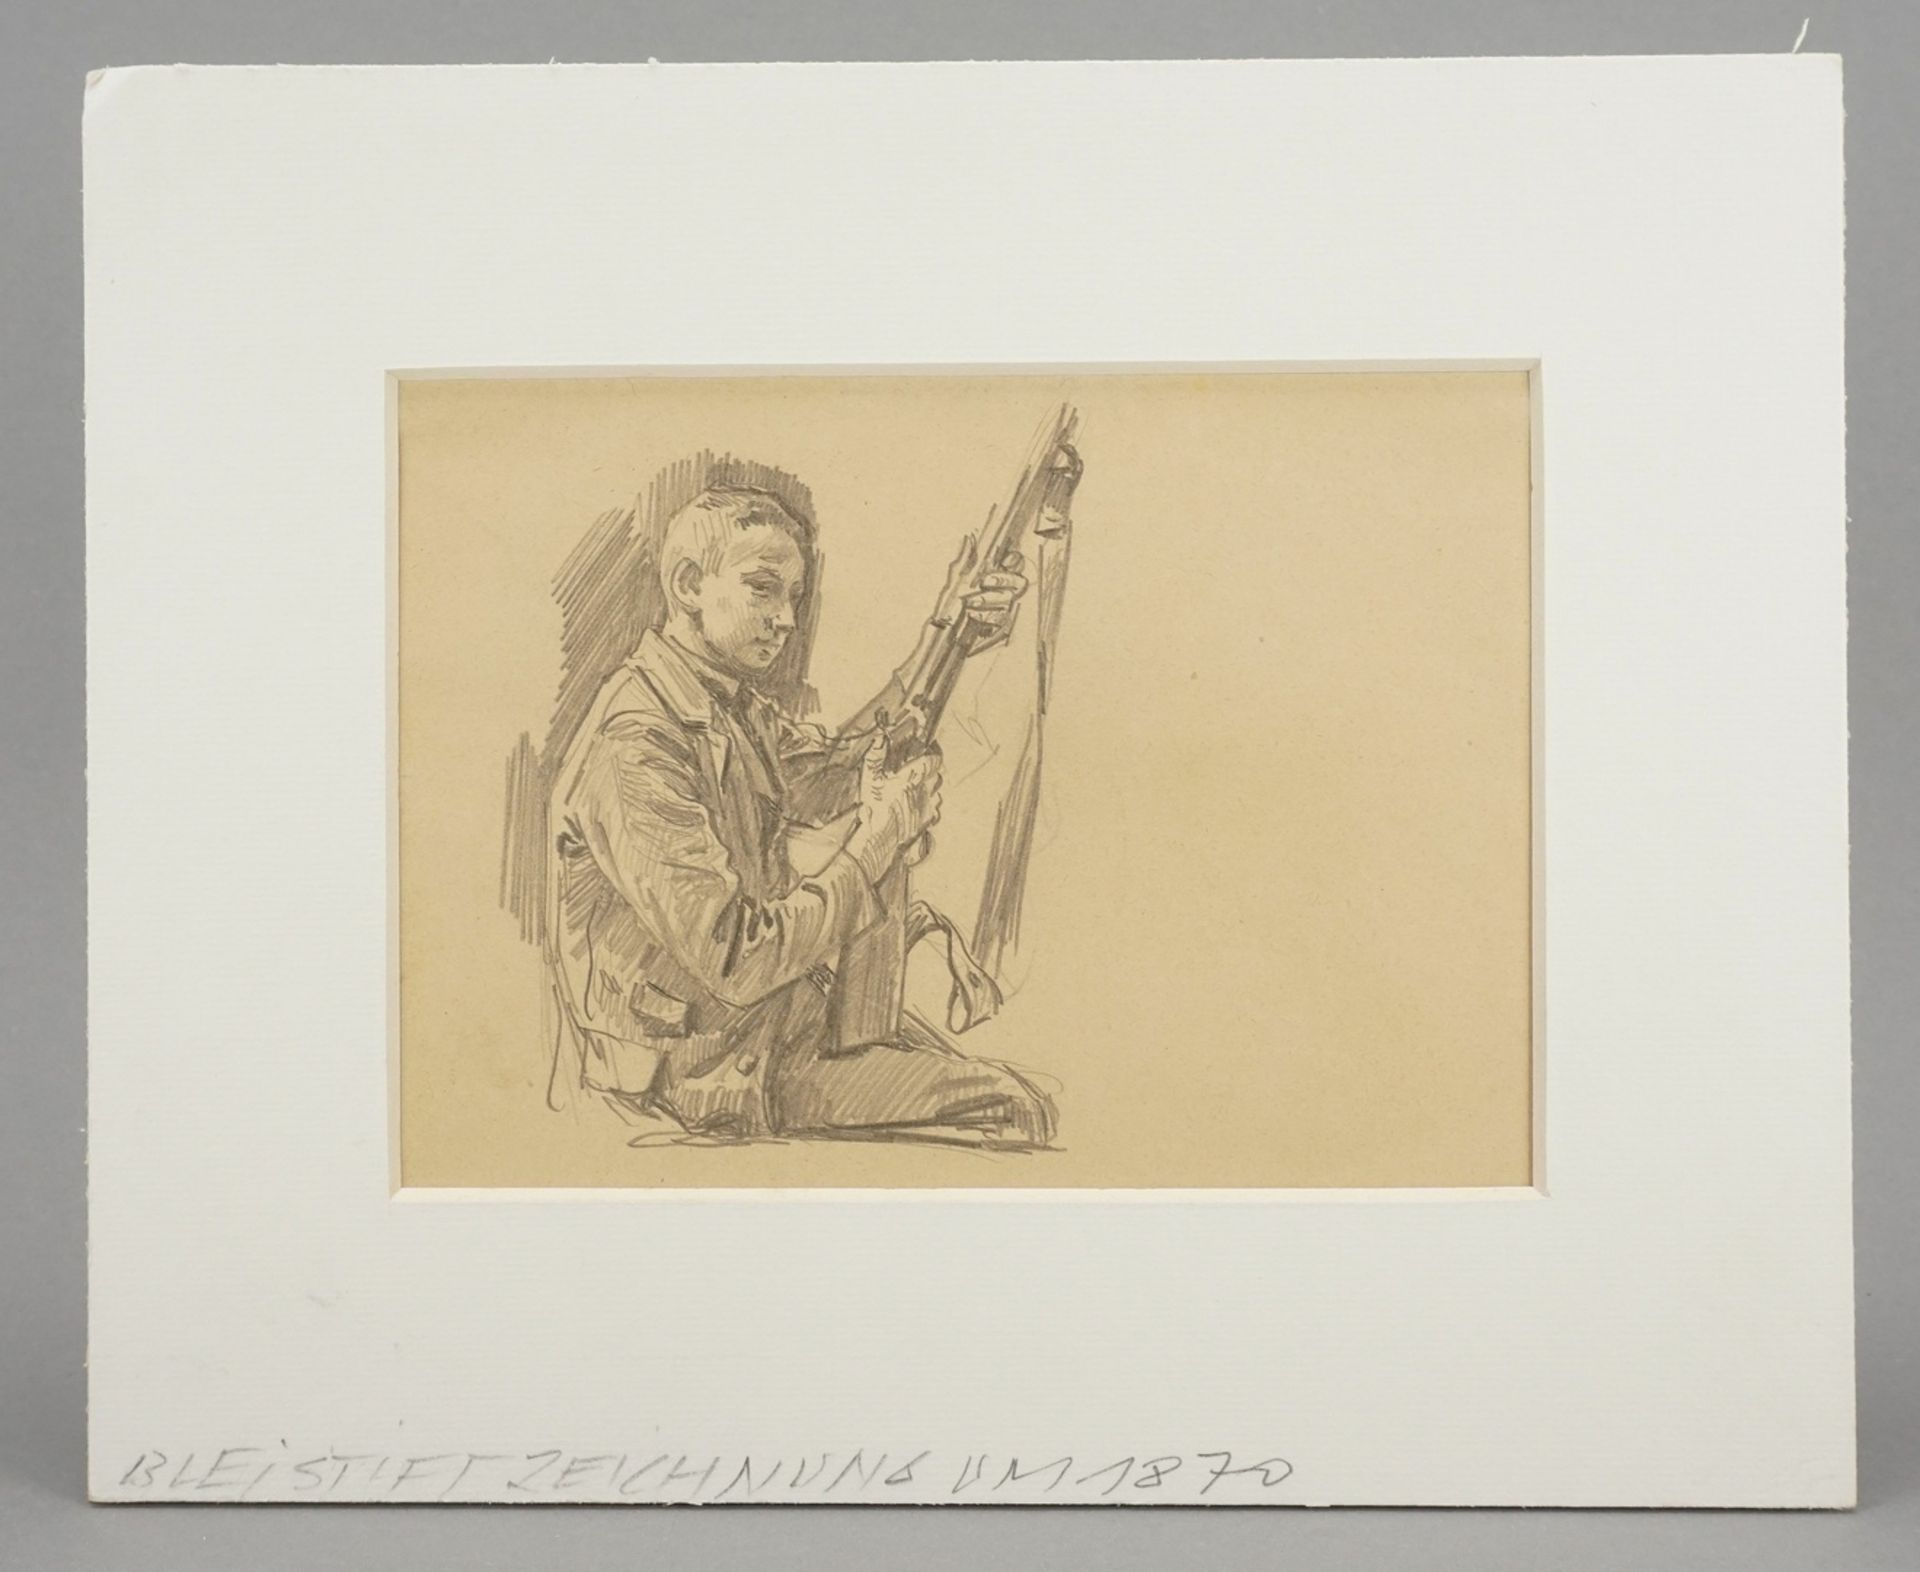 Unbekannter Zeichner, Sitzender Junge mit Gewehr - Bild 2 aus 4